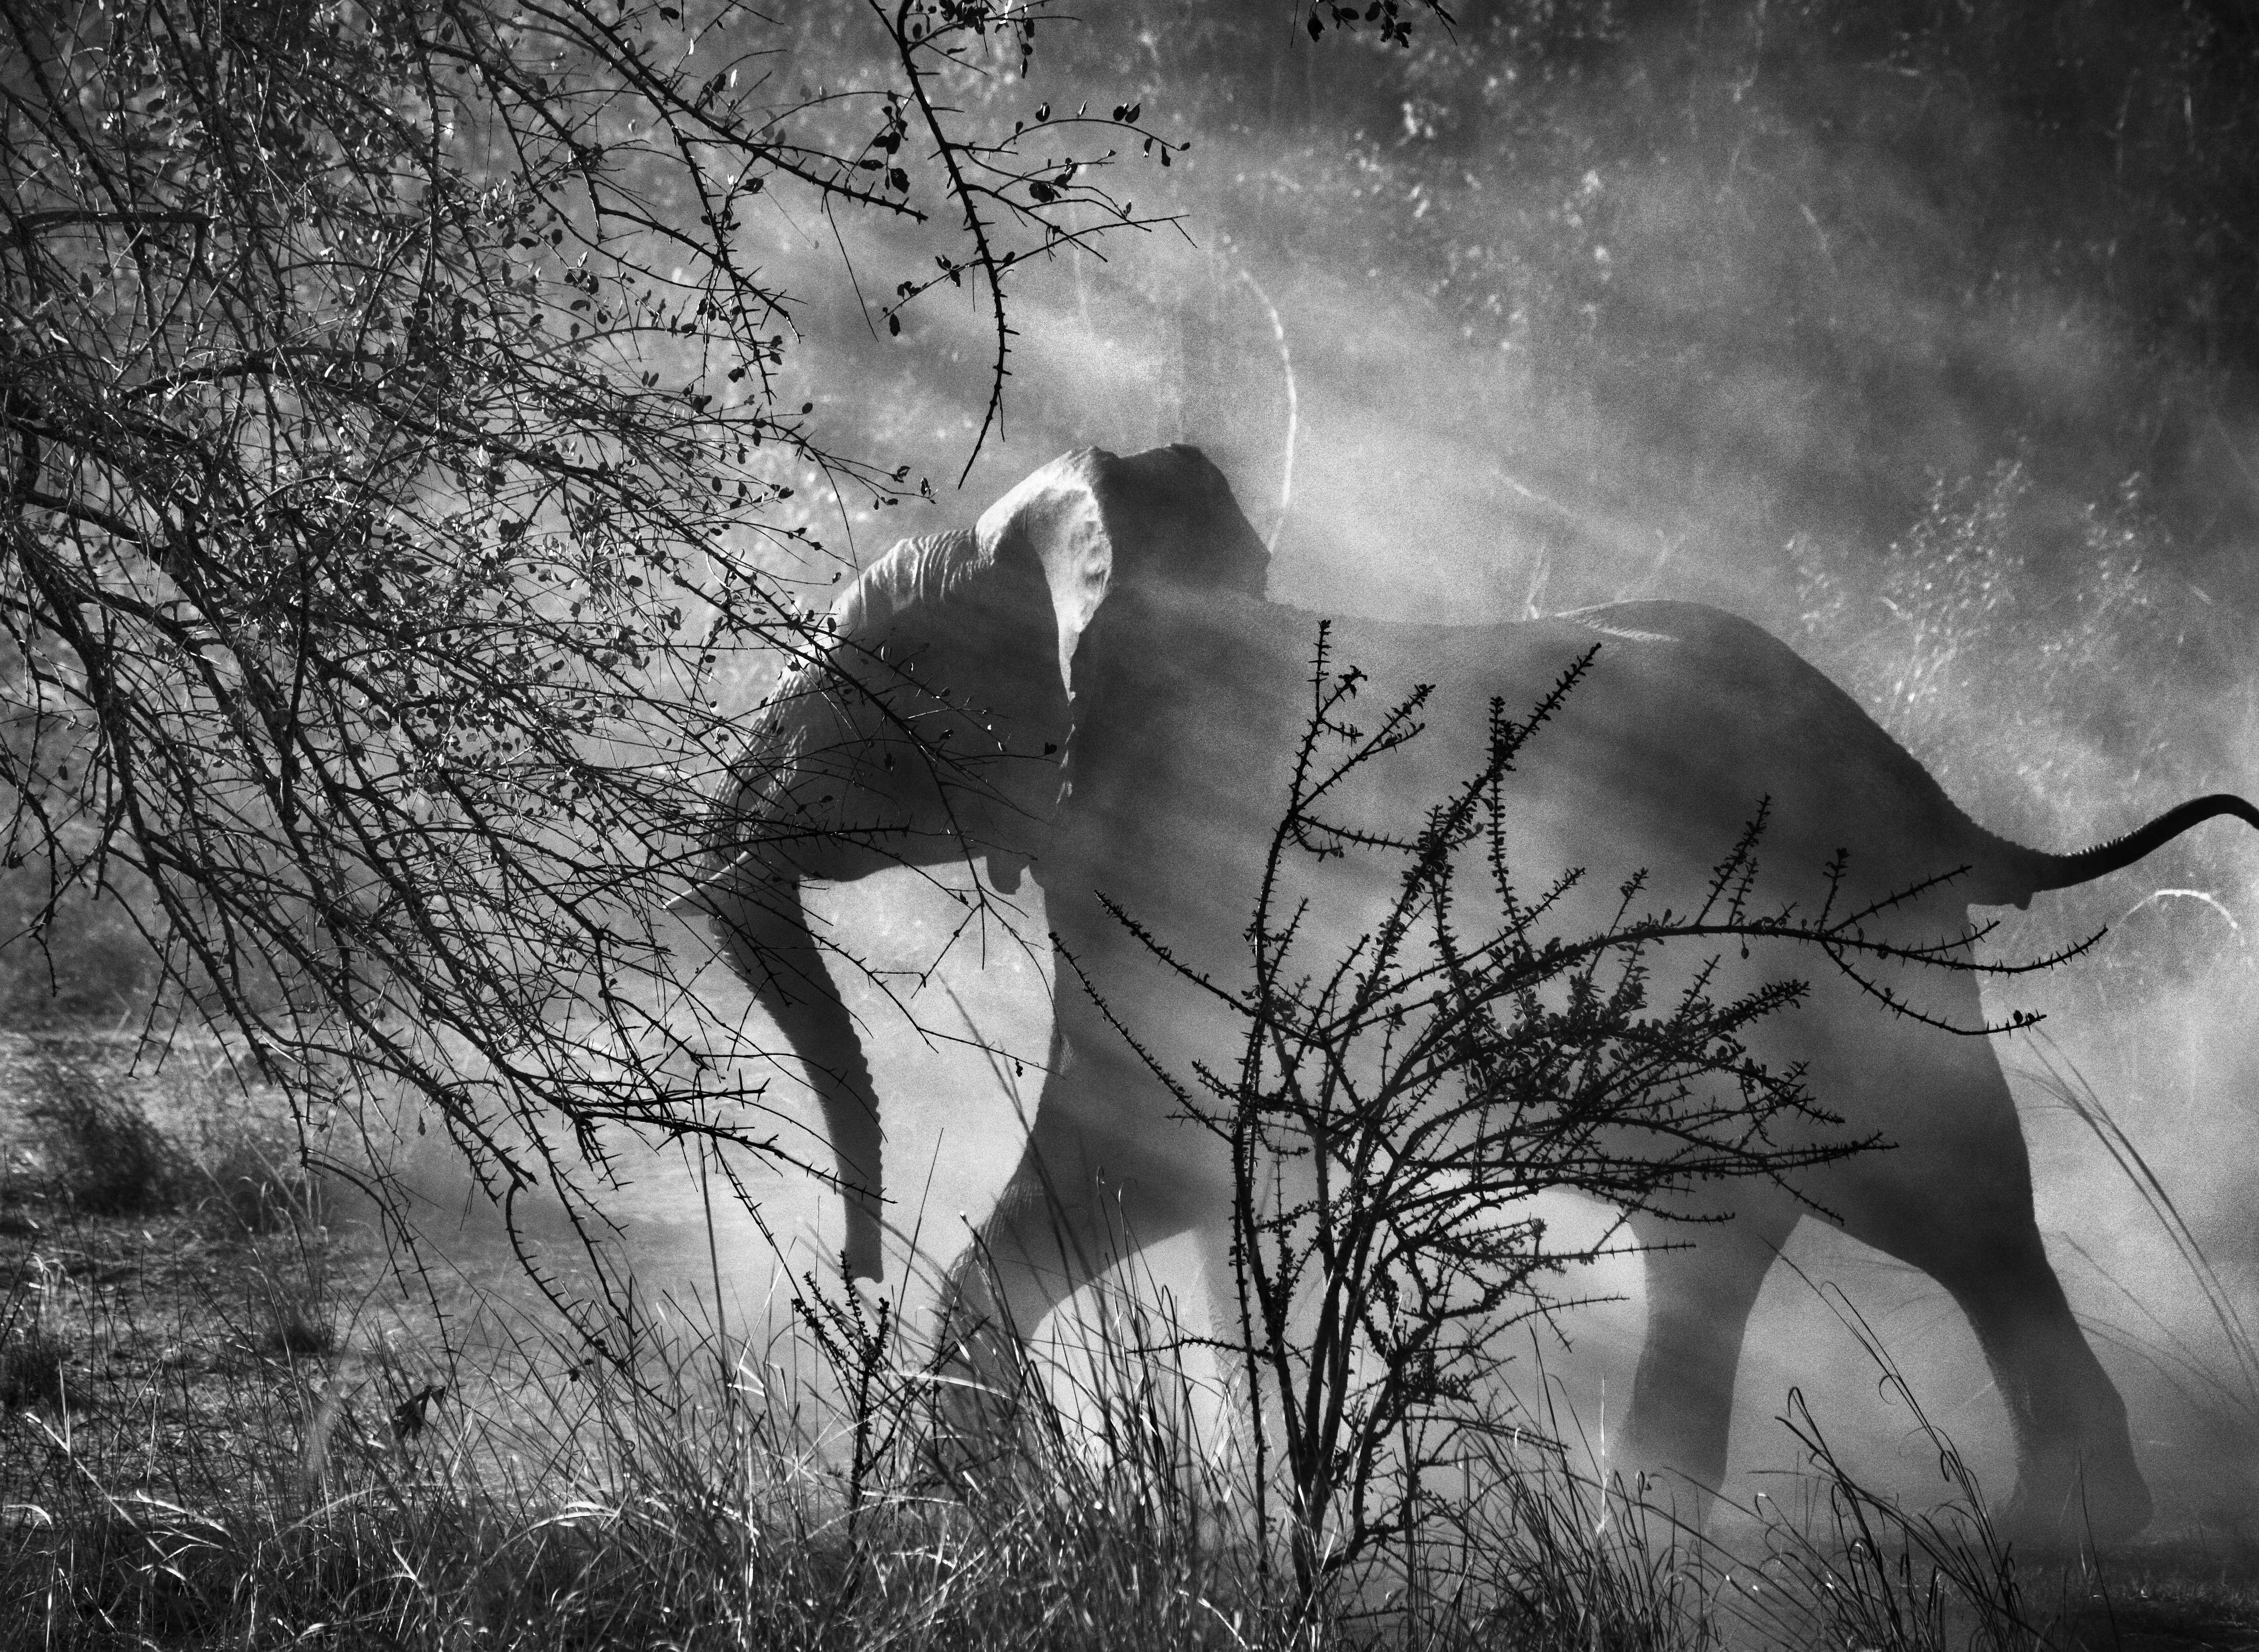 Африканский слон в национальном парке Кафуэ, Замбия, 2010. Автор Себастьян Сальгадо